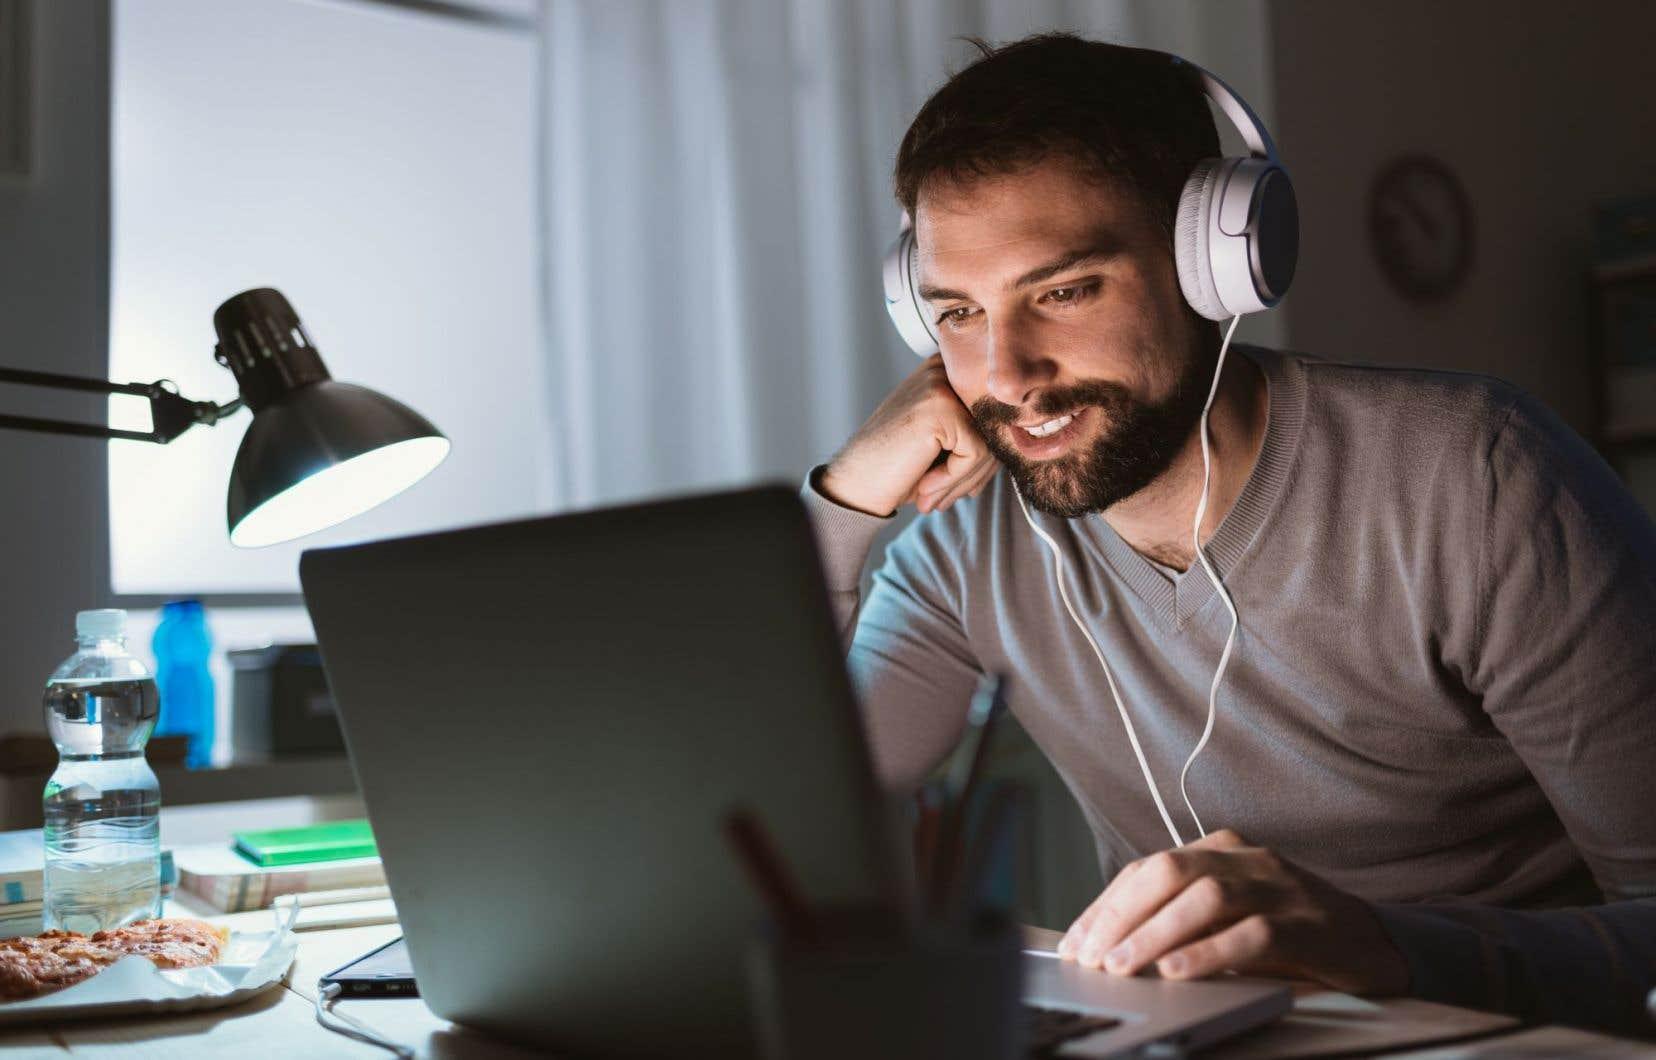 Les résultats de l'enquête CROP révèlent que YouTube est de loin la plus populaire des plateformes au Québec, avec 65% d'utilisateurs.